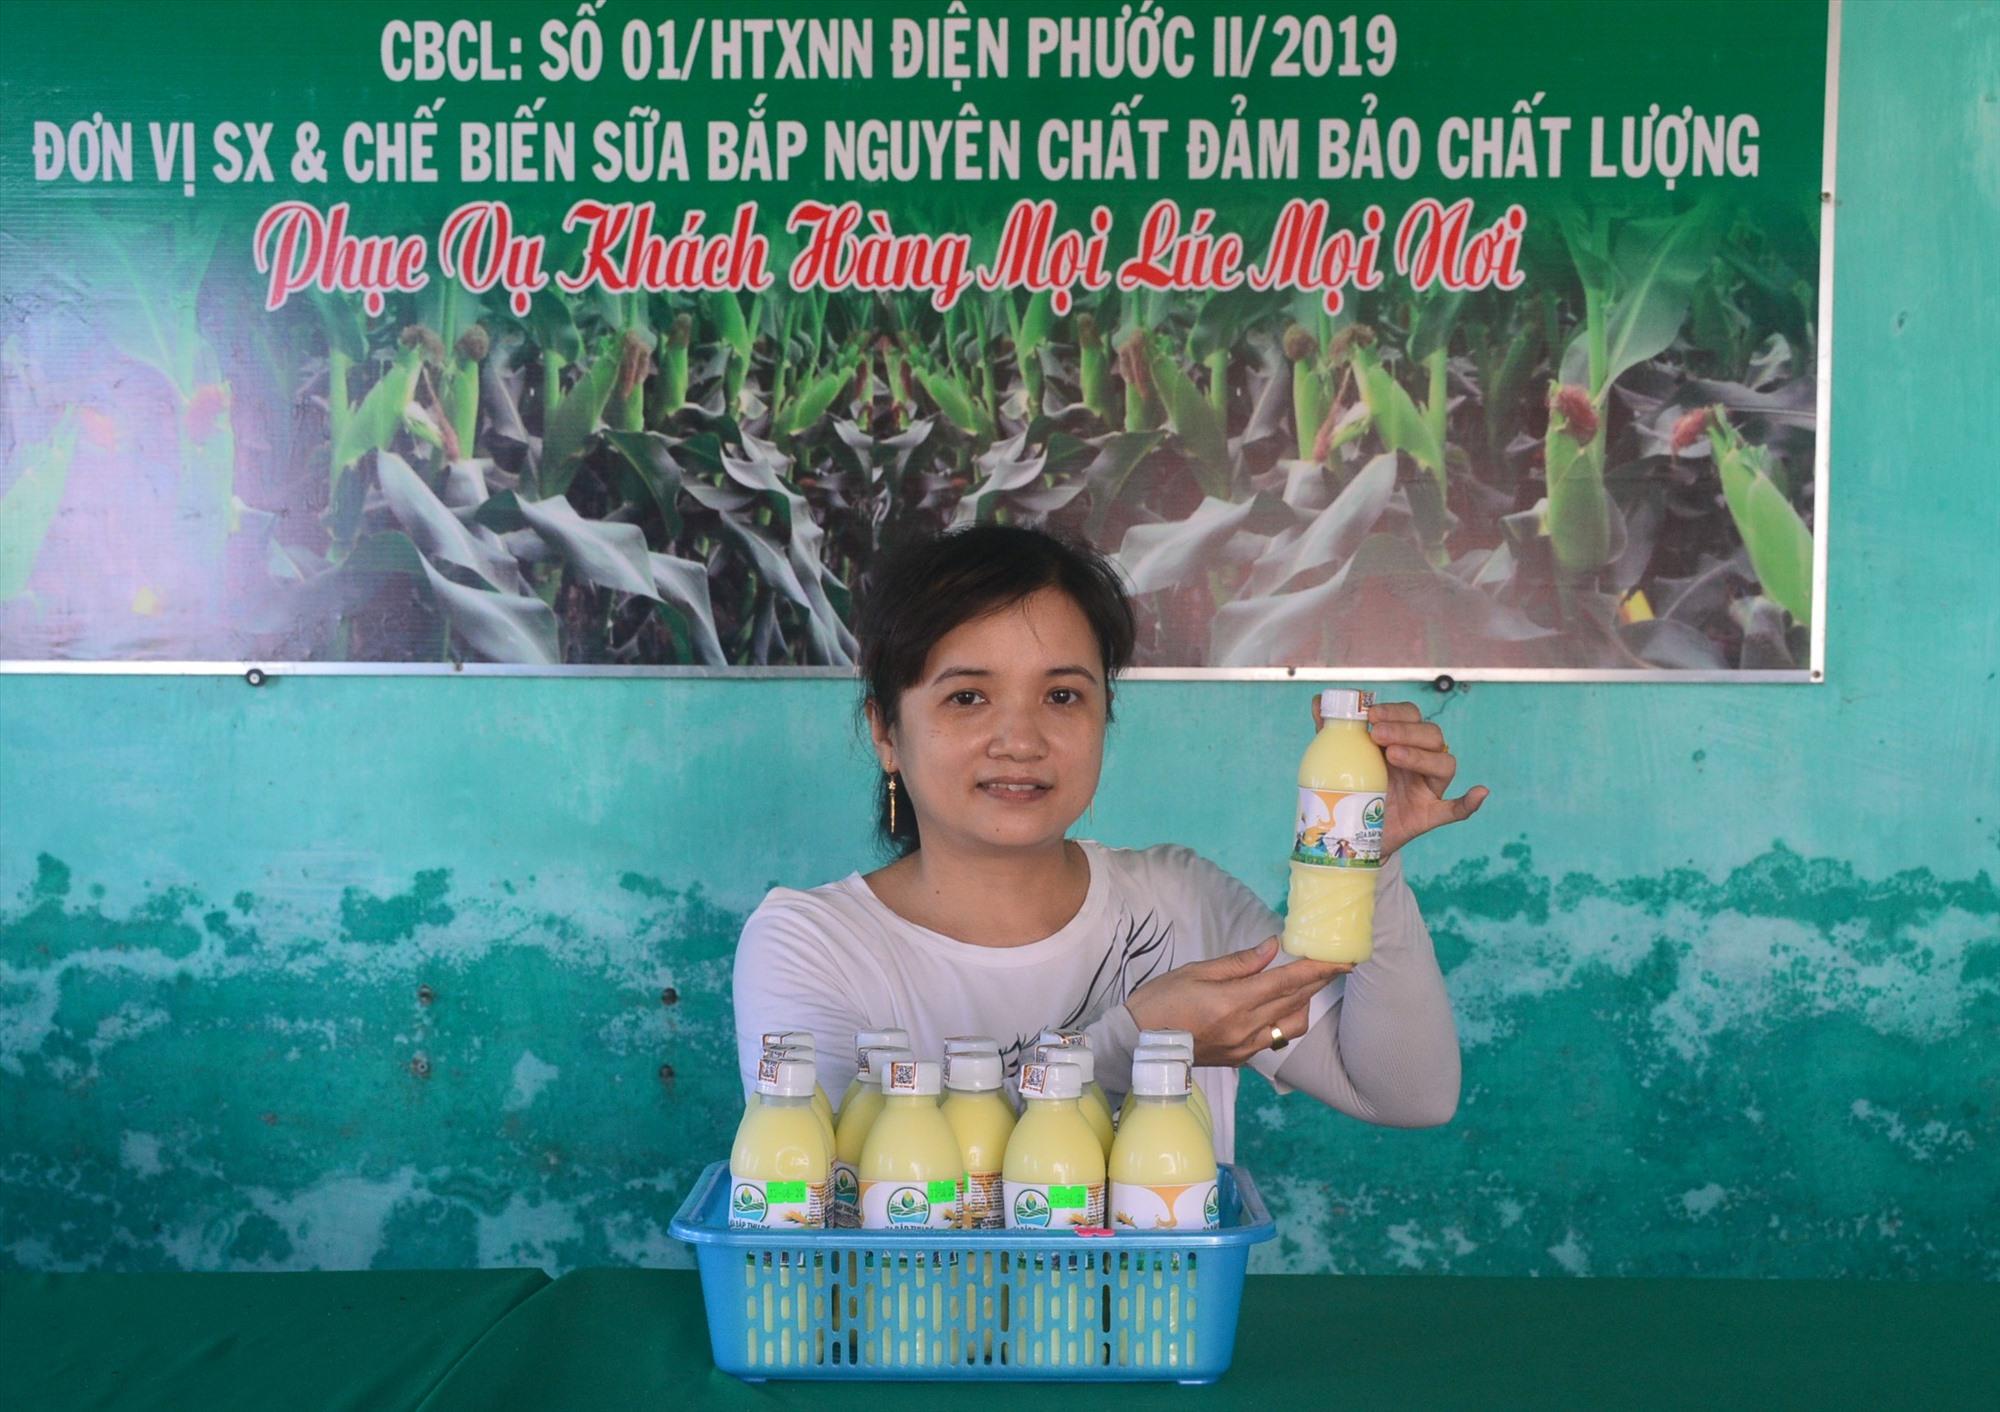 Nhờ chất lượng đảm bảo nên sữa bắp Thu Bồn đã được người tiêu dùng đón nhận. Ảnh: QT